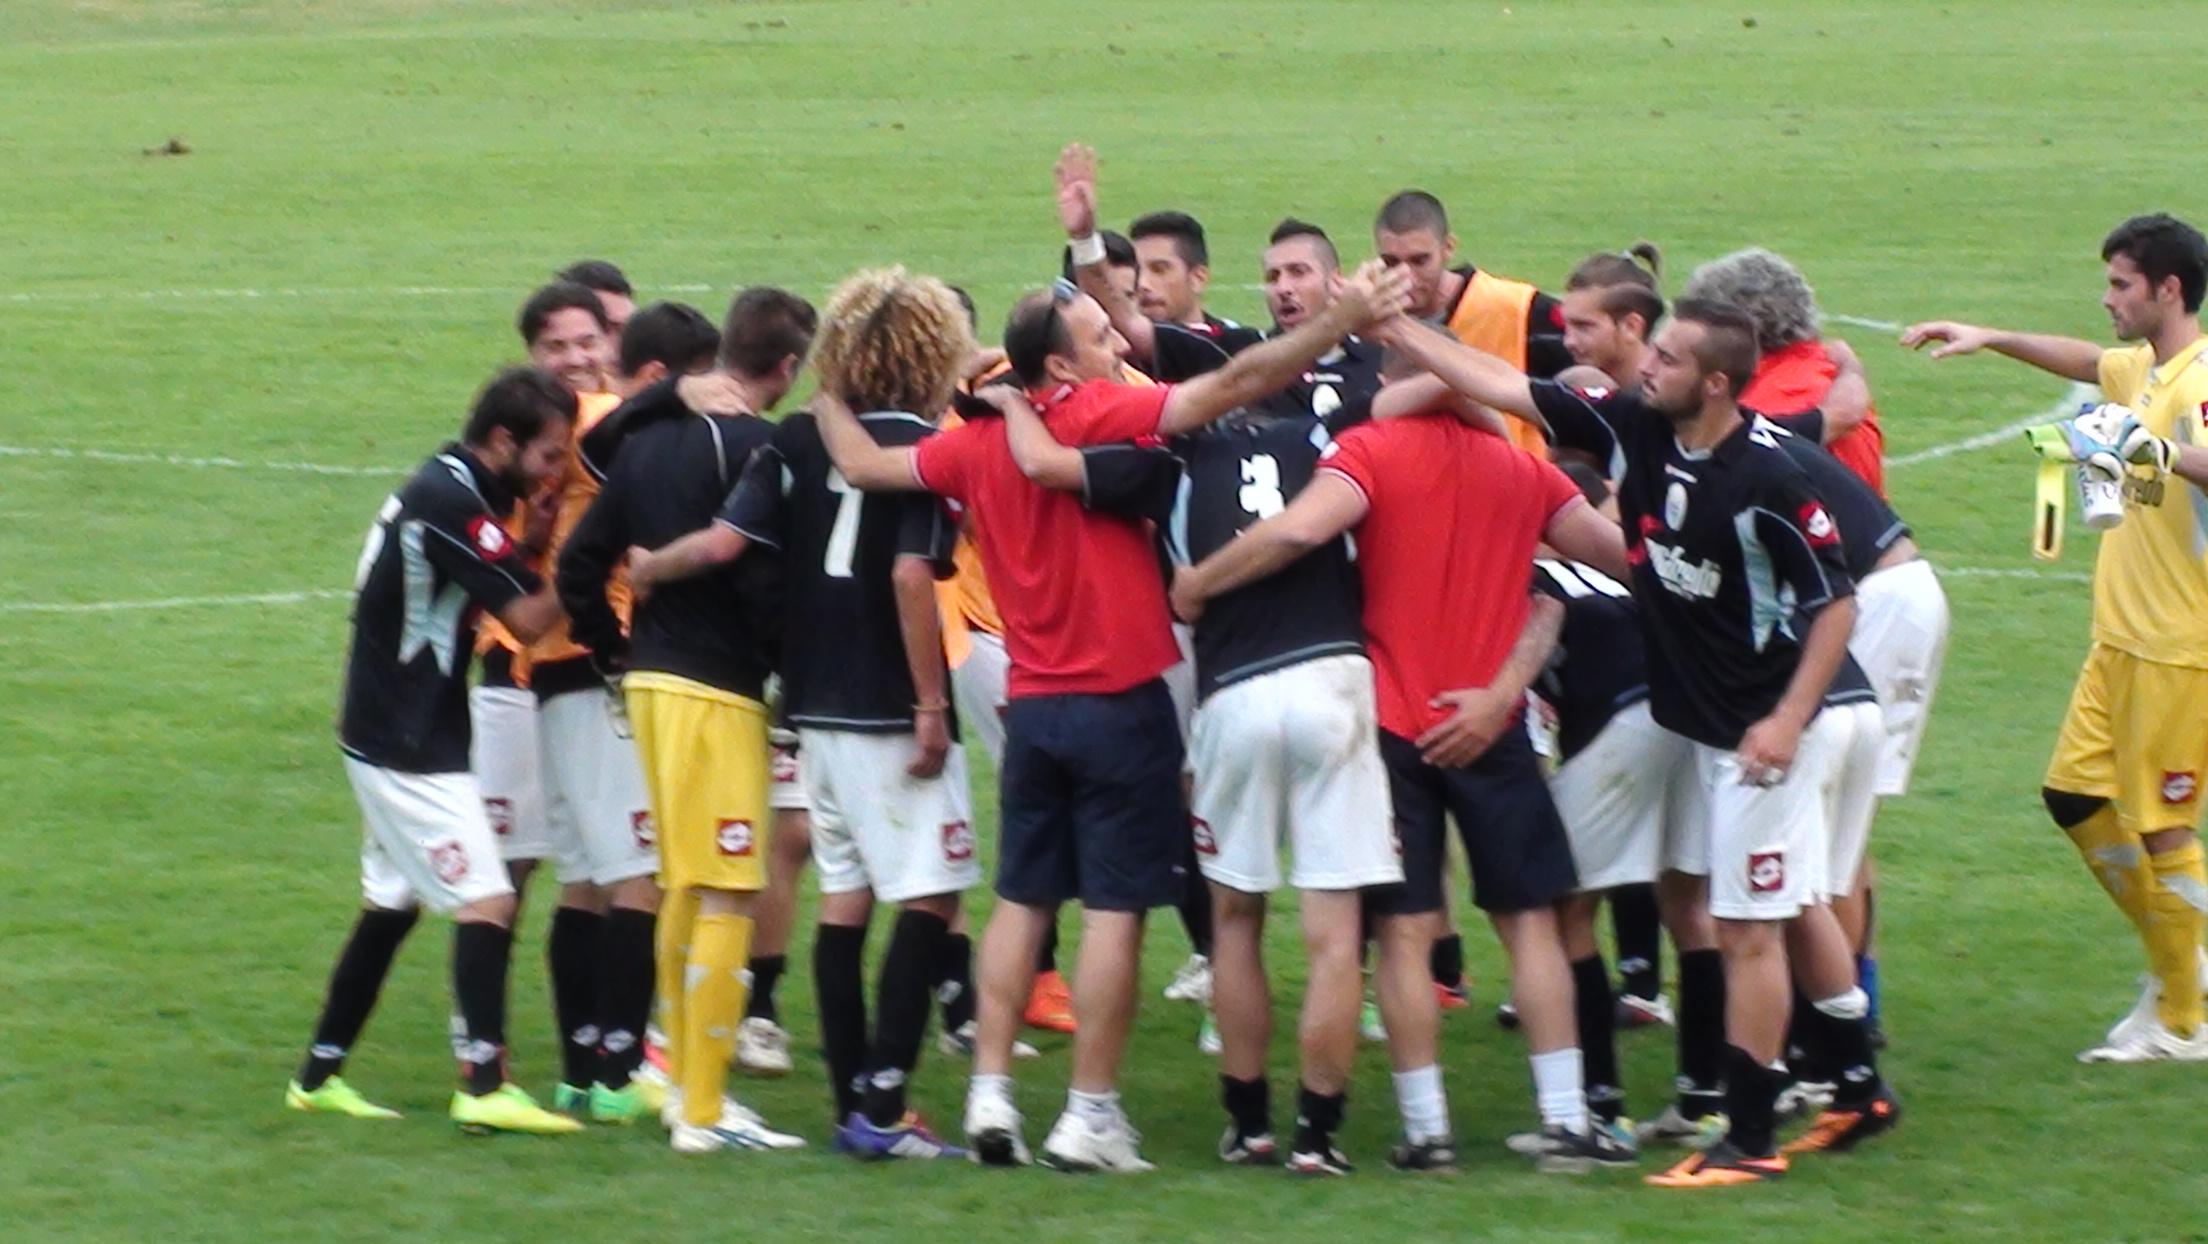 Festeggiamenti Treviso calcio